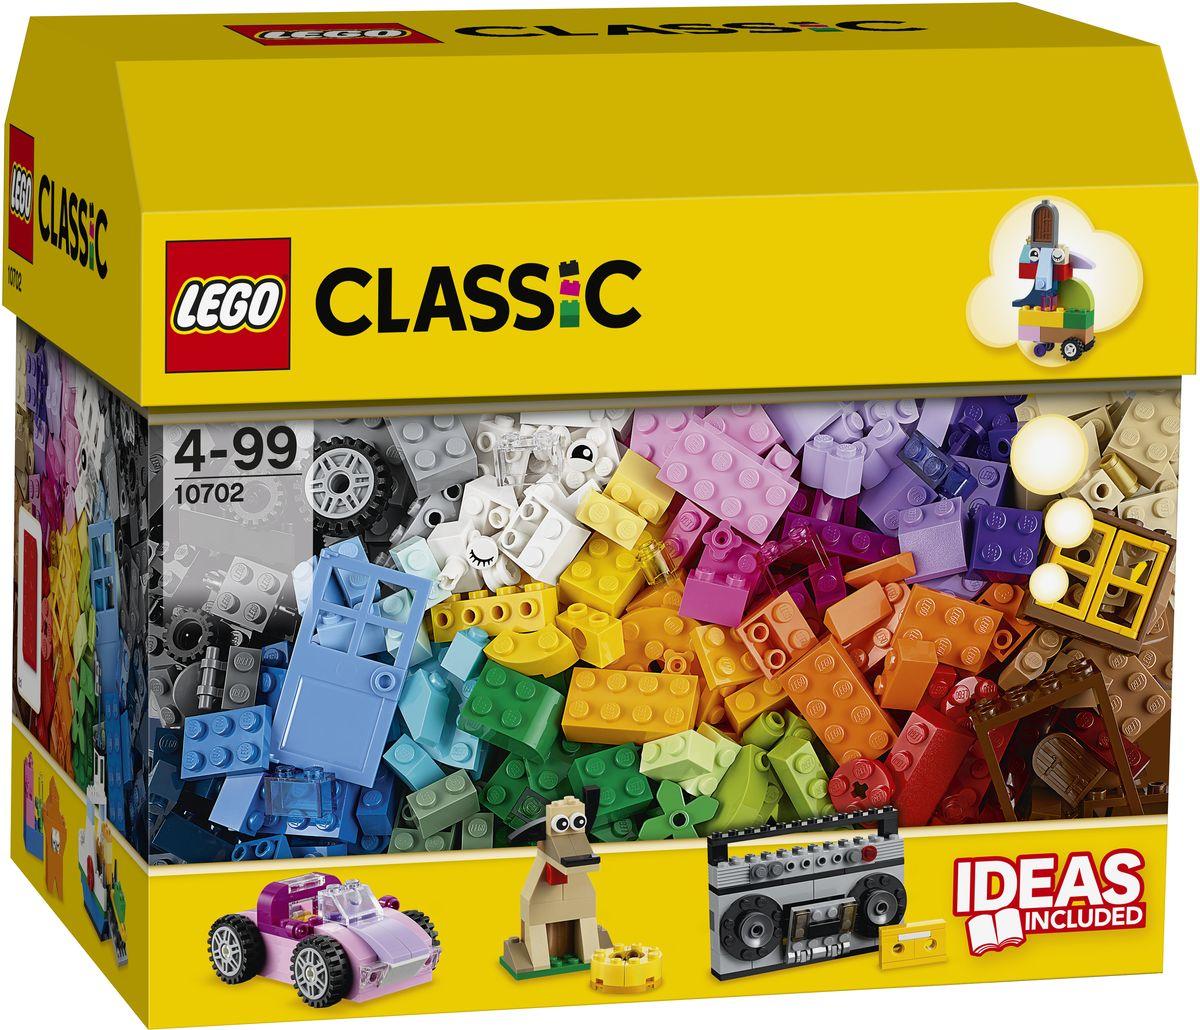 LEGO Classic Конструктор Набор кубиков для свободного конструирования 1070210702Набор кубиков для свободного конструирования LEGO Classic - это набор для детей от 4 лет. Он включает в себя 583 детали ярких цветов. Это разноцветные кирпичики различных геометрических форм, позволяющие создавать самые разнообразные сооружения - транспорт, фигурки животных, предметы быта и интерьера, и при этом быть совершенно свободным от каких-либо инструкций и рекомендаций. Так же в комплект входят несколько готовых элементов для конструирования - окна, двери, колесики и даже детали с изображением глаз, если вам вдруг захочется собрать из кубиков человека или зверя. Игры с конструкторами помогут ребенку развить воображение, внимательность, пространственное мышление и творческие способности. Такой конструктор надолго займет внимание малыша и непременно станет его любимой игрушкой.